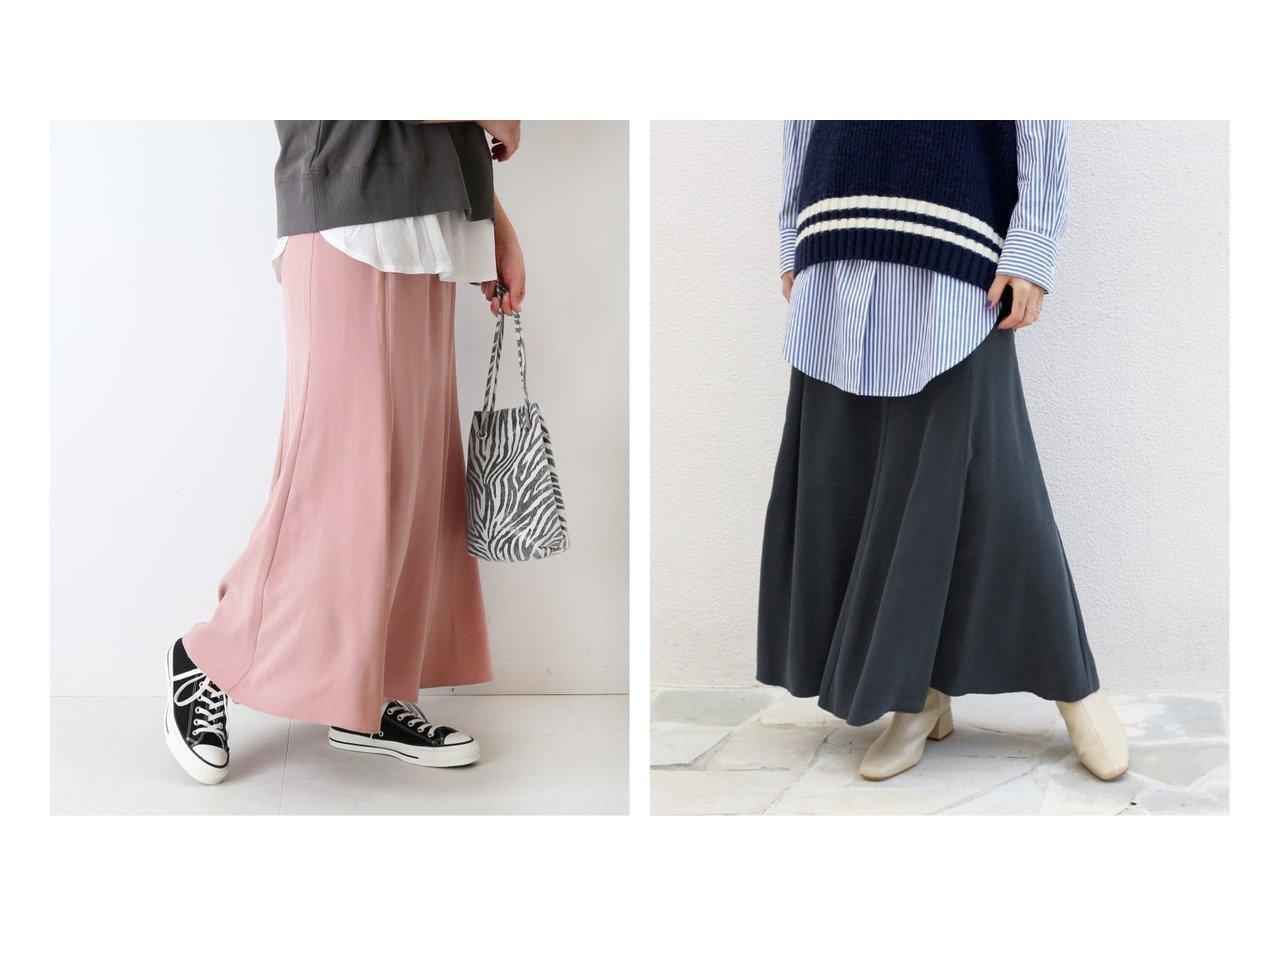 【JOURNAL STANDARD relume/ジャーナルスタンダード レリューム】の《追加》フィブリルレーヨンポリエステルマーメイドスカート スカートのおすすめ!人気、トレンド・レディースファッションの通販 おすすめで人気の流行・トレンド、ファッションの通販商品 メンズファッション・キッズファッション・インテリア・家具・レディースファッション・服の通販 founy(ファニー) https://founy.com/ ファッション Fashion レディースファッション WOMEN スカート Skirt 2021年 2021 2021 春夏 S/S SS Spring/Summer 2021 S/S 春夏 SS Spring/Summer スウェット マーメイド |ID:crp329100000024488